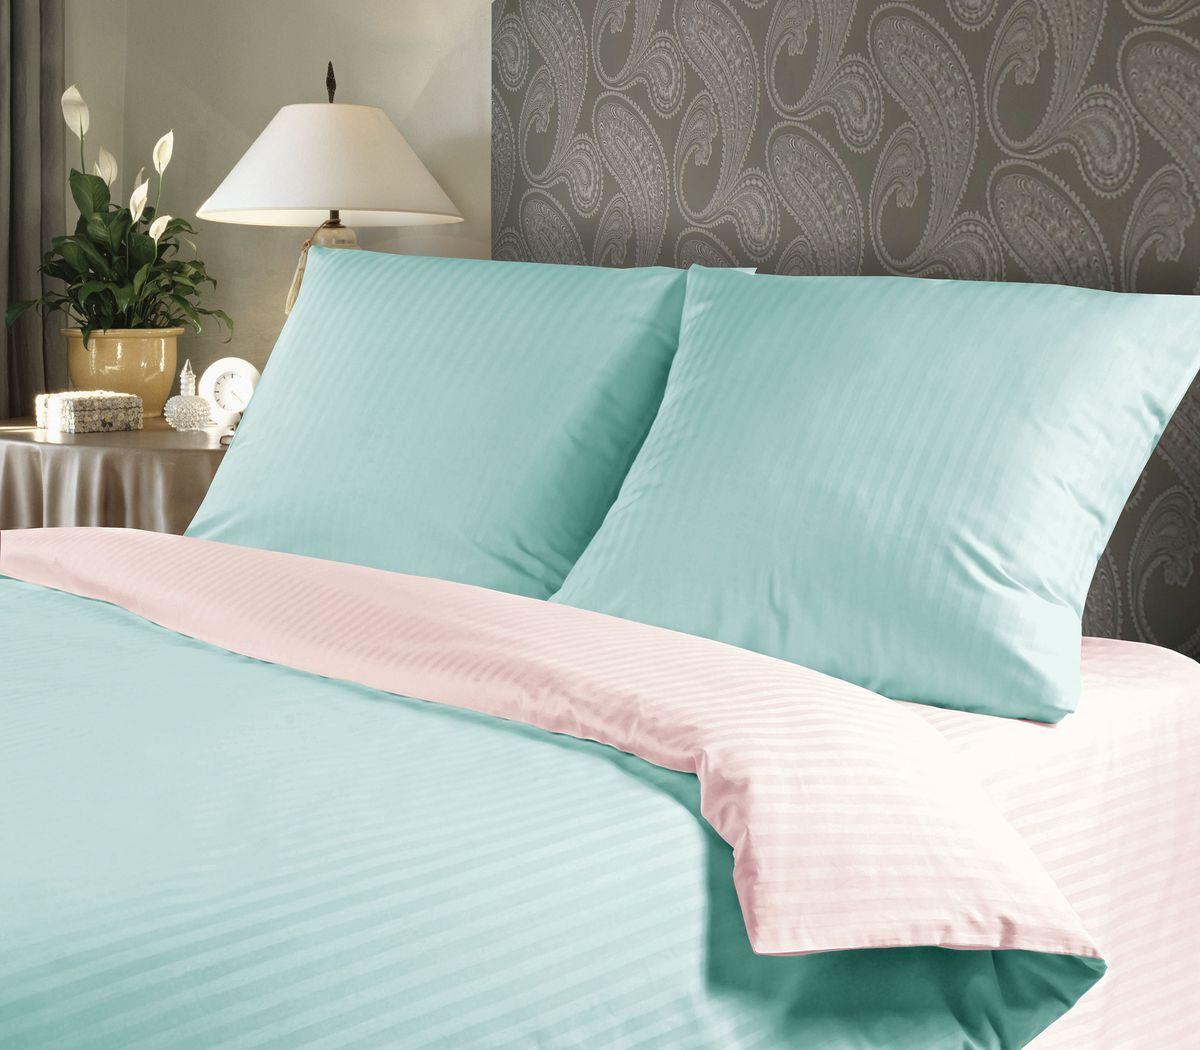 Комплект белья Verossa Sunset, 1,5-спальный, наволочки 70х70711208